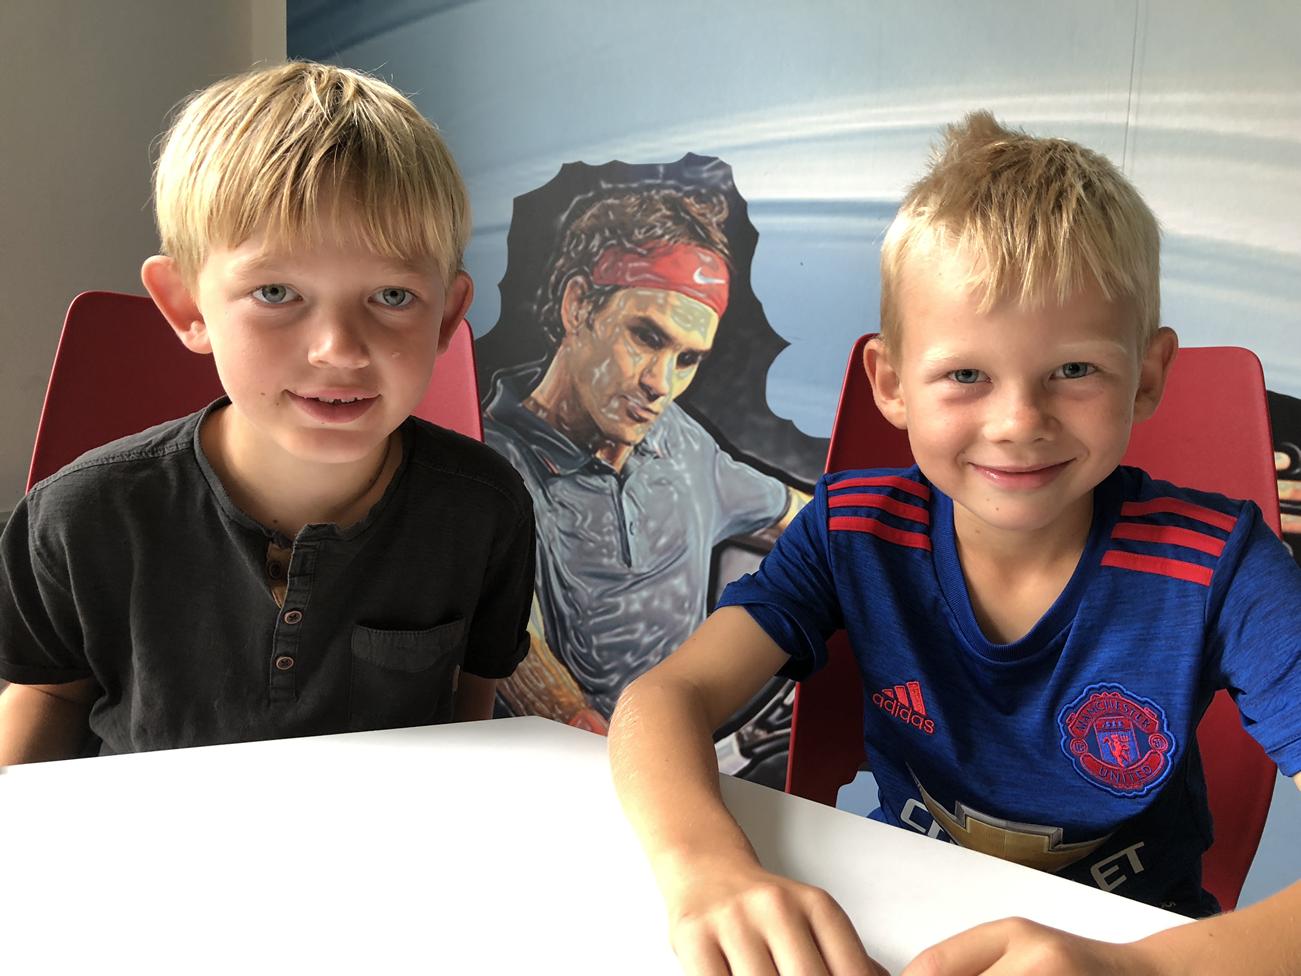 Isak og victor med deres tennisidol på bagvæggen